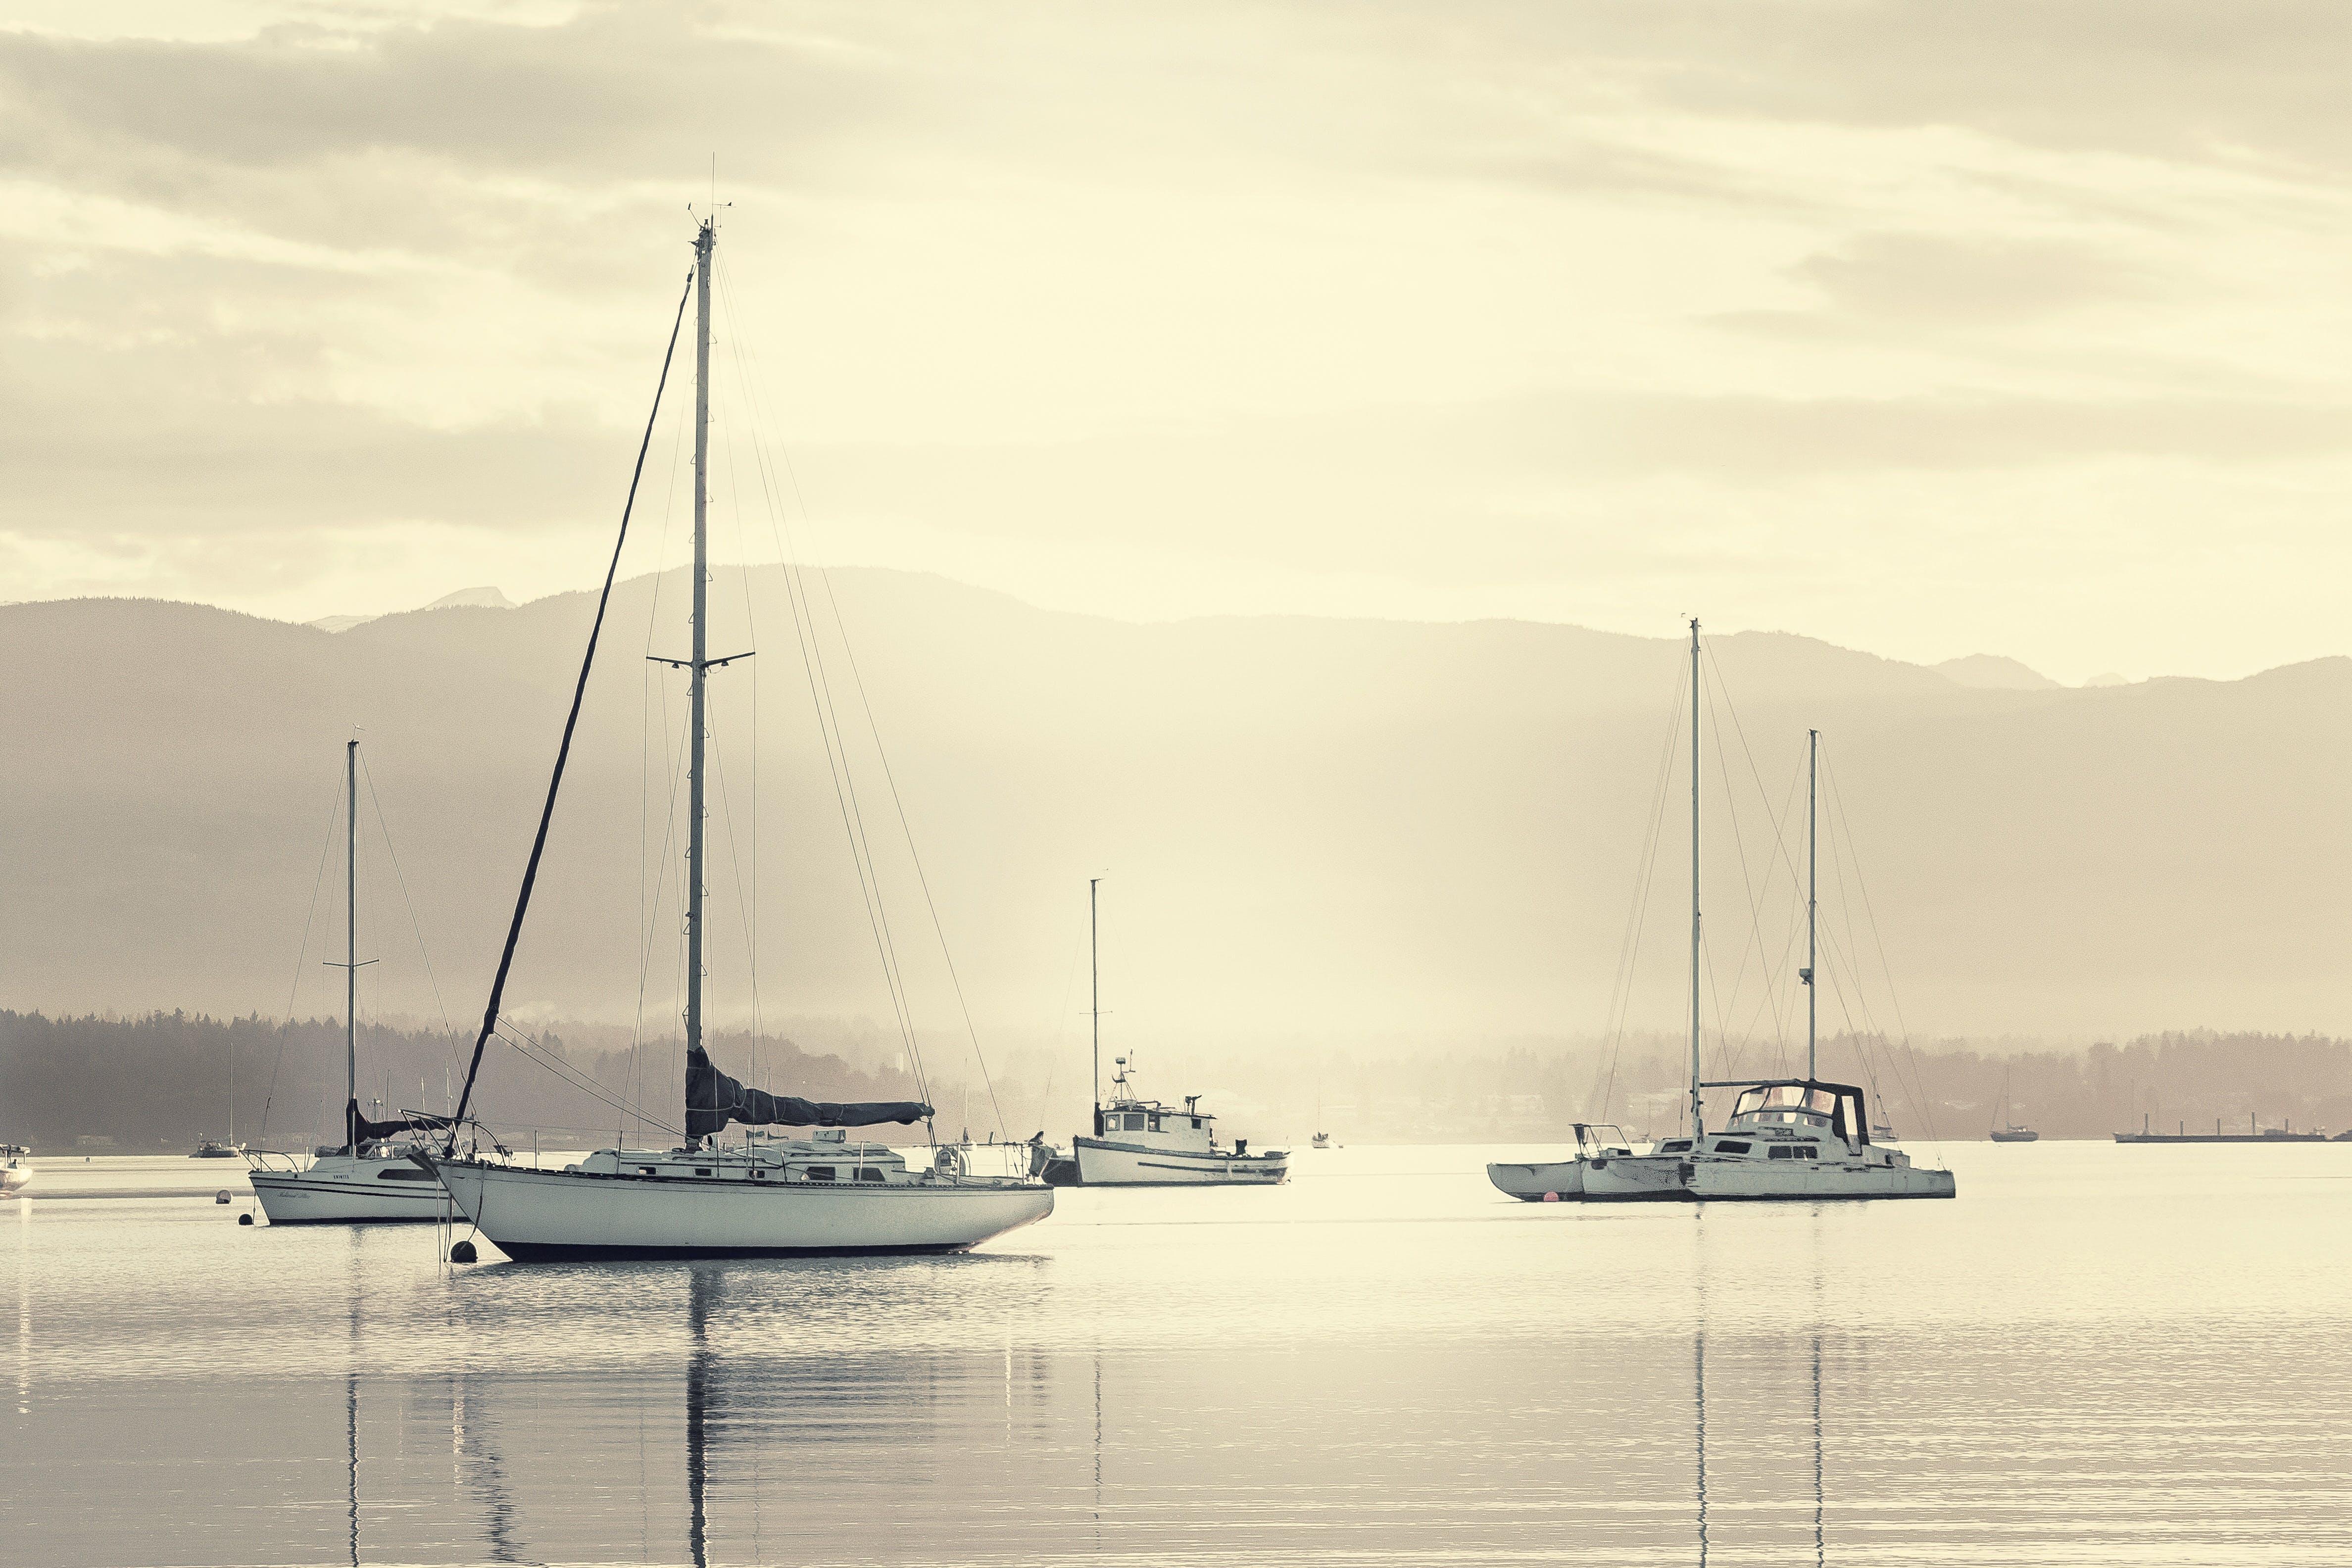 čluny, dopravní systém, jachta